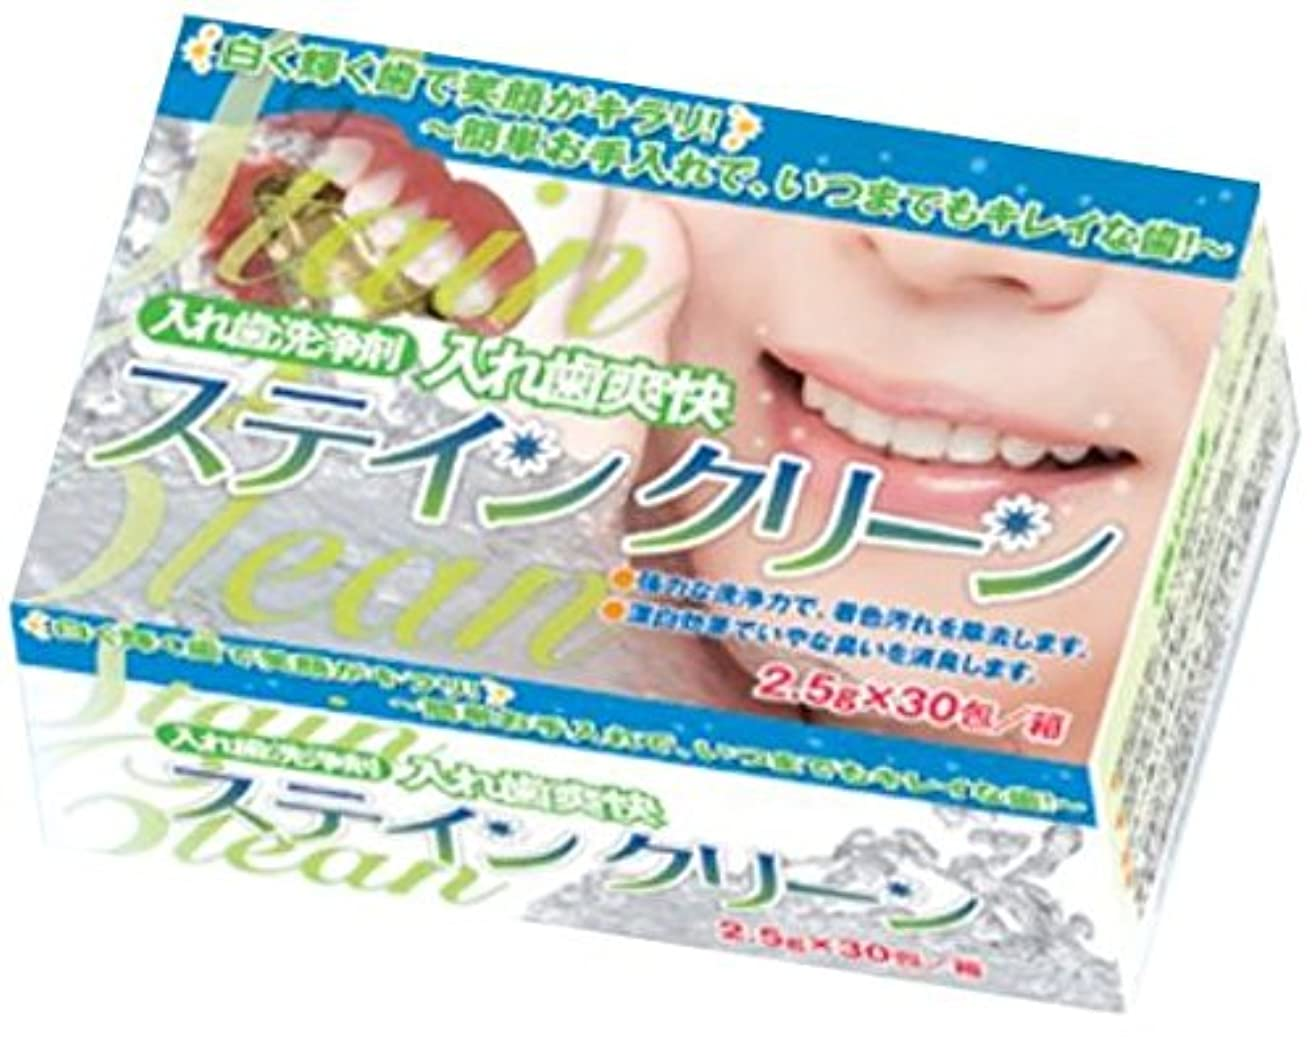 上に練習散髪入れ歯爽快 ステインクリーン 1箱(2.5g × 30包入り) 歯科医院専売品 (1箱)